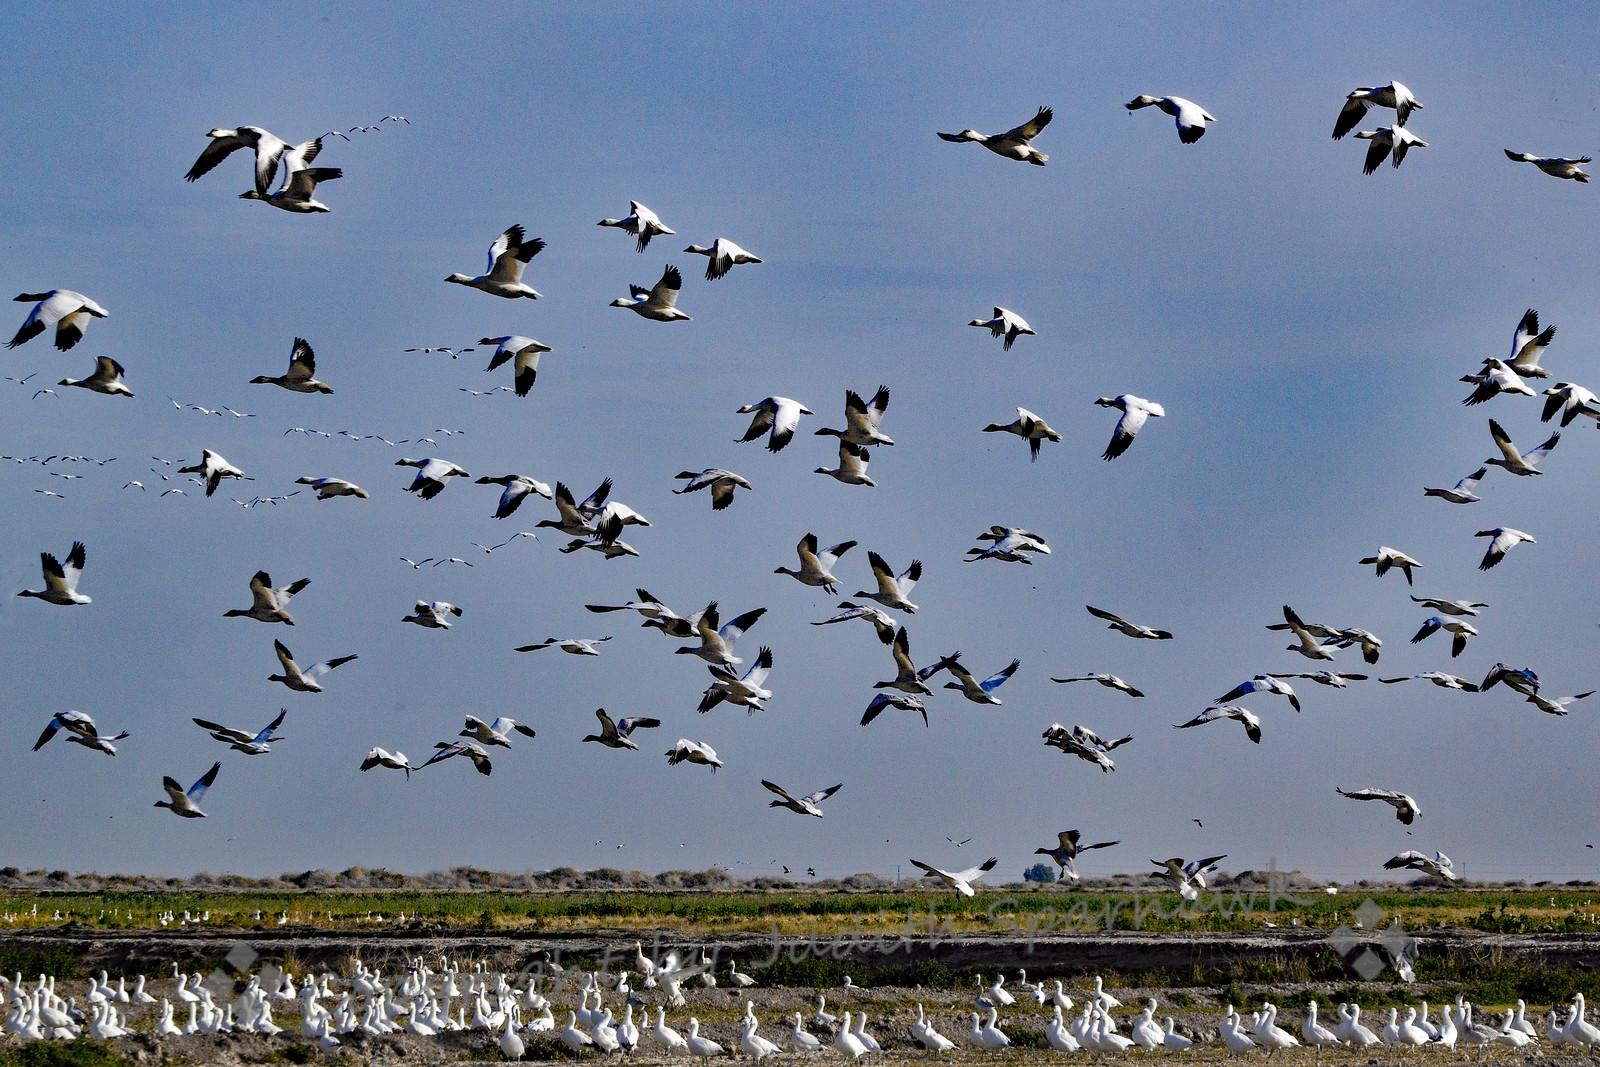 Geese Above, Geese Below